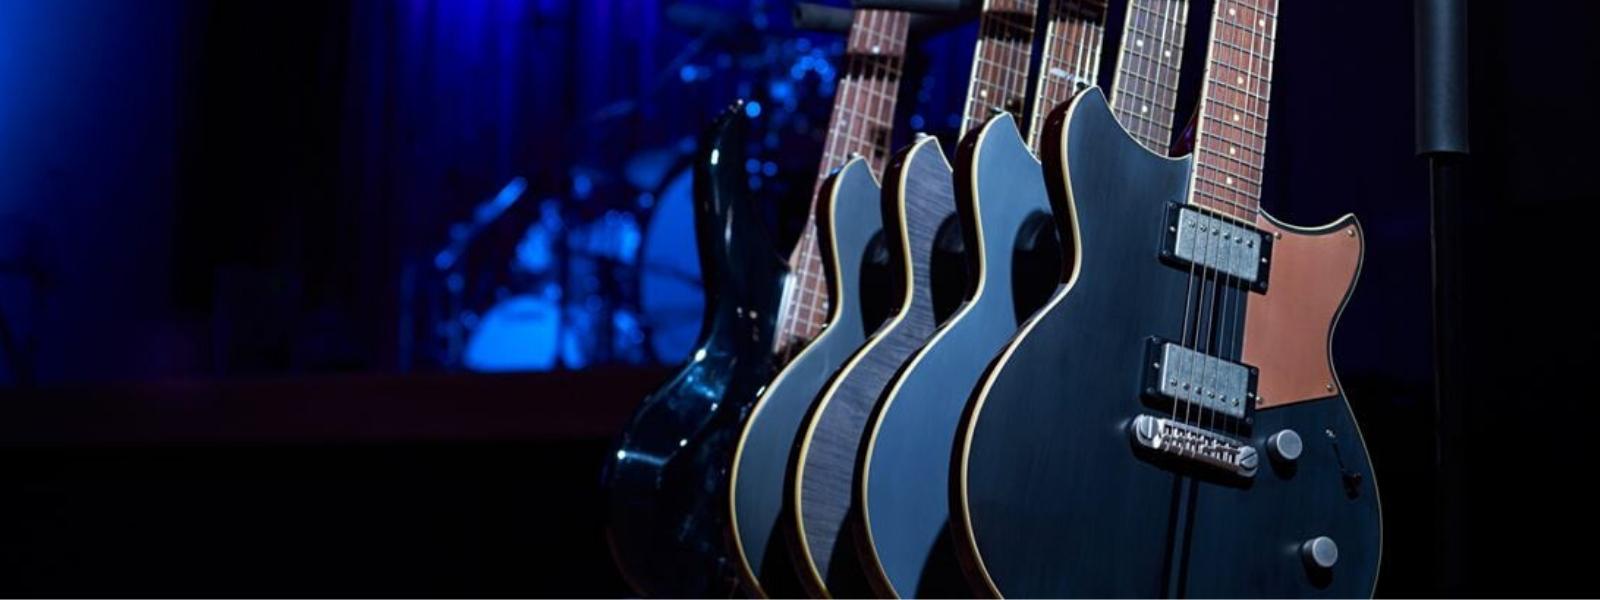 Yamaha Electric Guitars